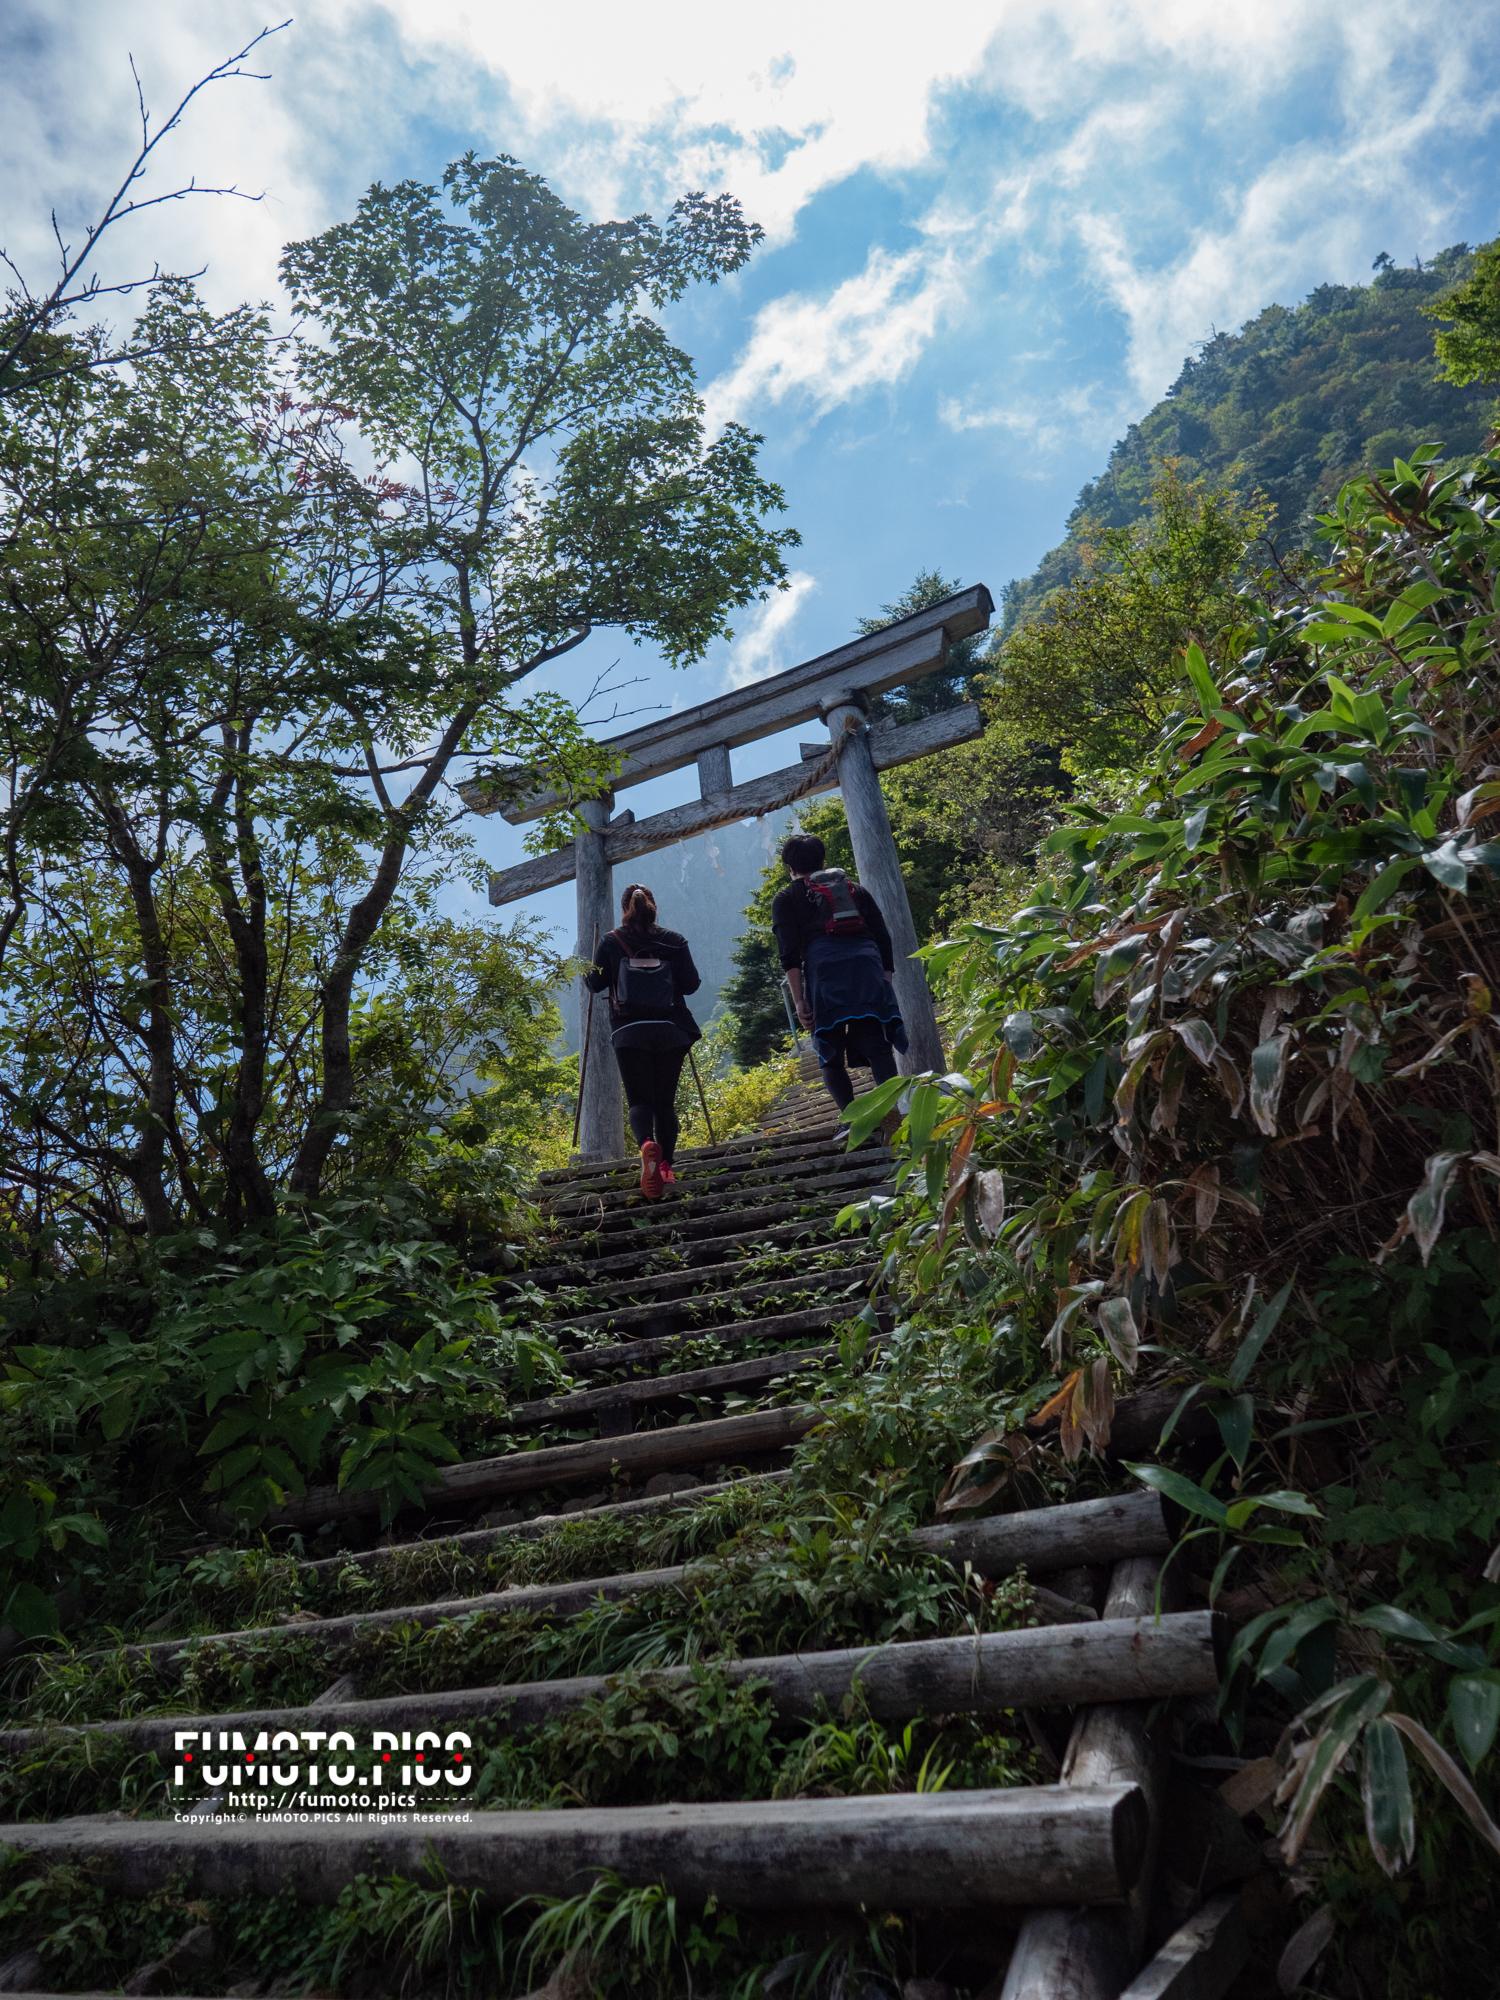 山頂手前の山小屋には鳥居が立っている。山岳信仰という山を信仰の対象とした考え方に基づく。